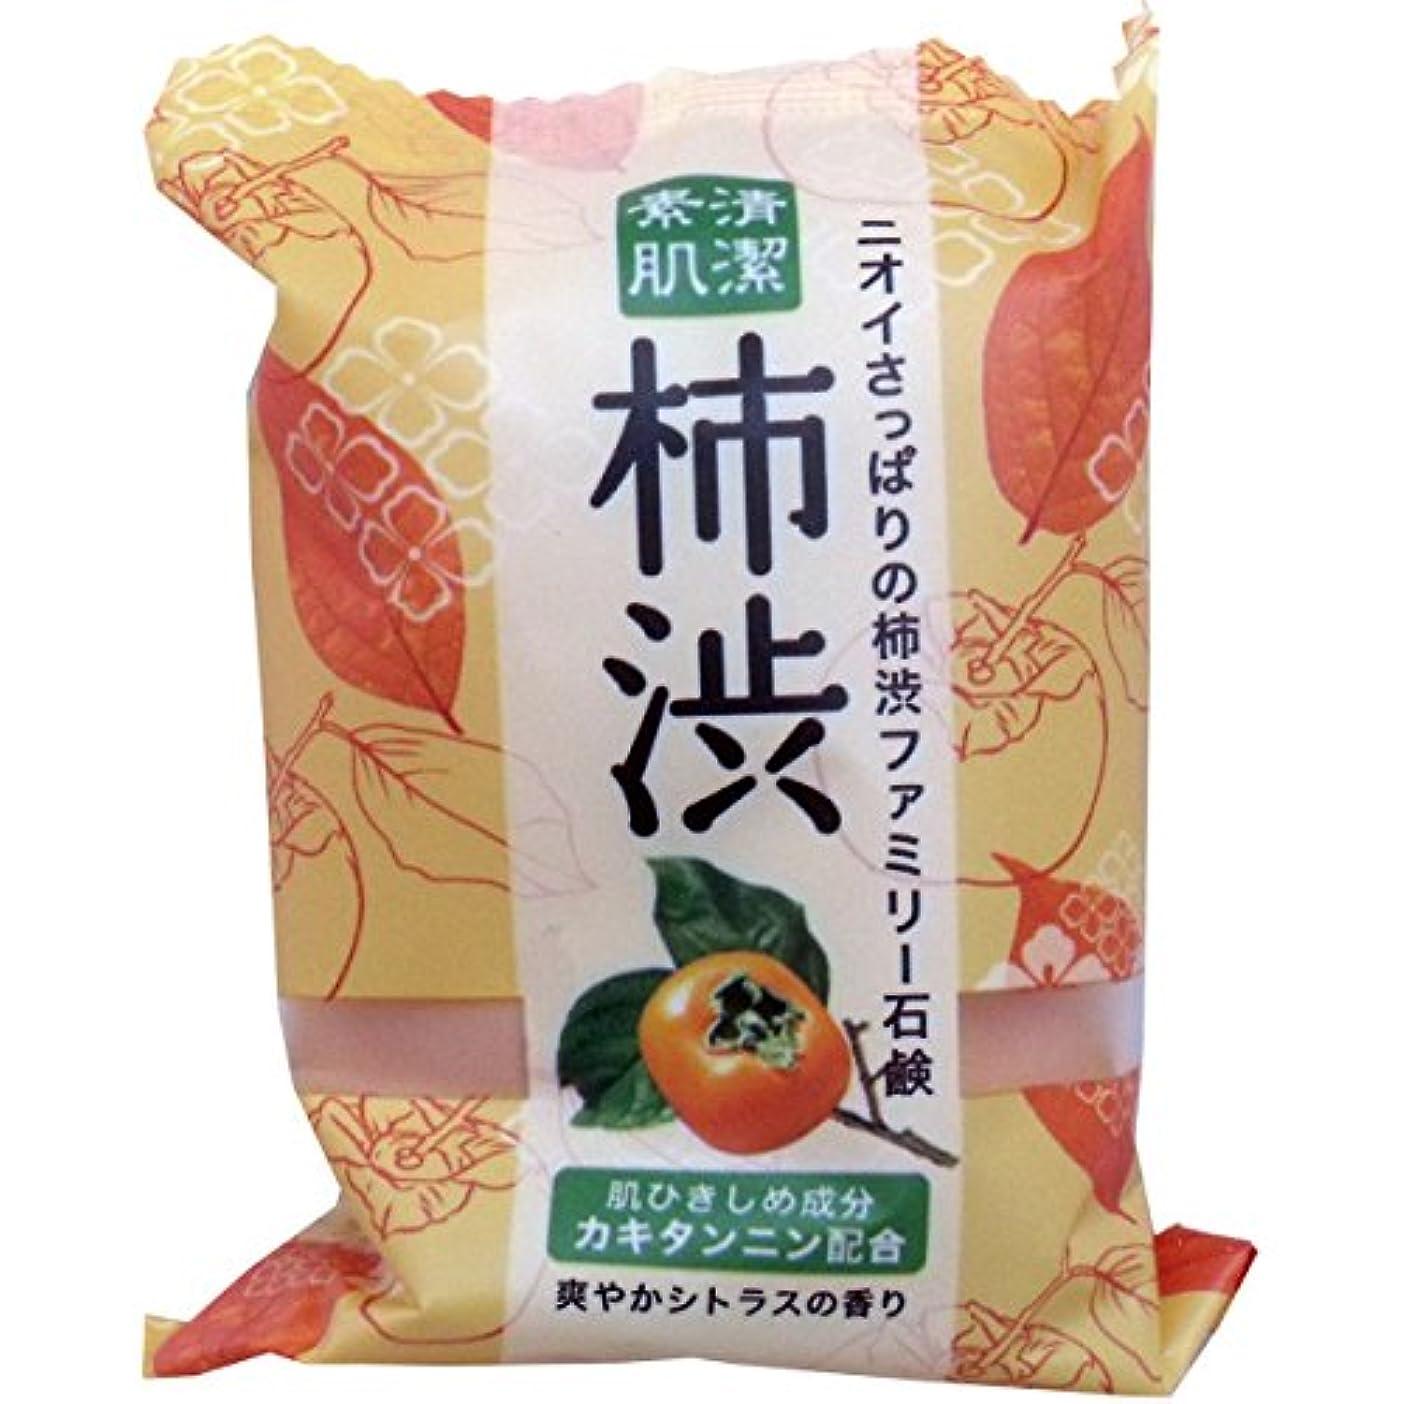 仕立て屋ピケライバルペリカン石鹸 ファミリー柿渋石鹸(1個) ×2セット